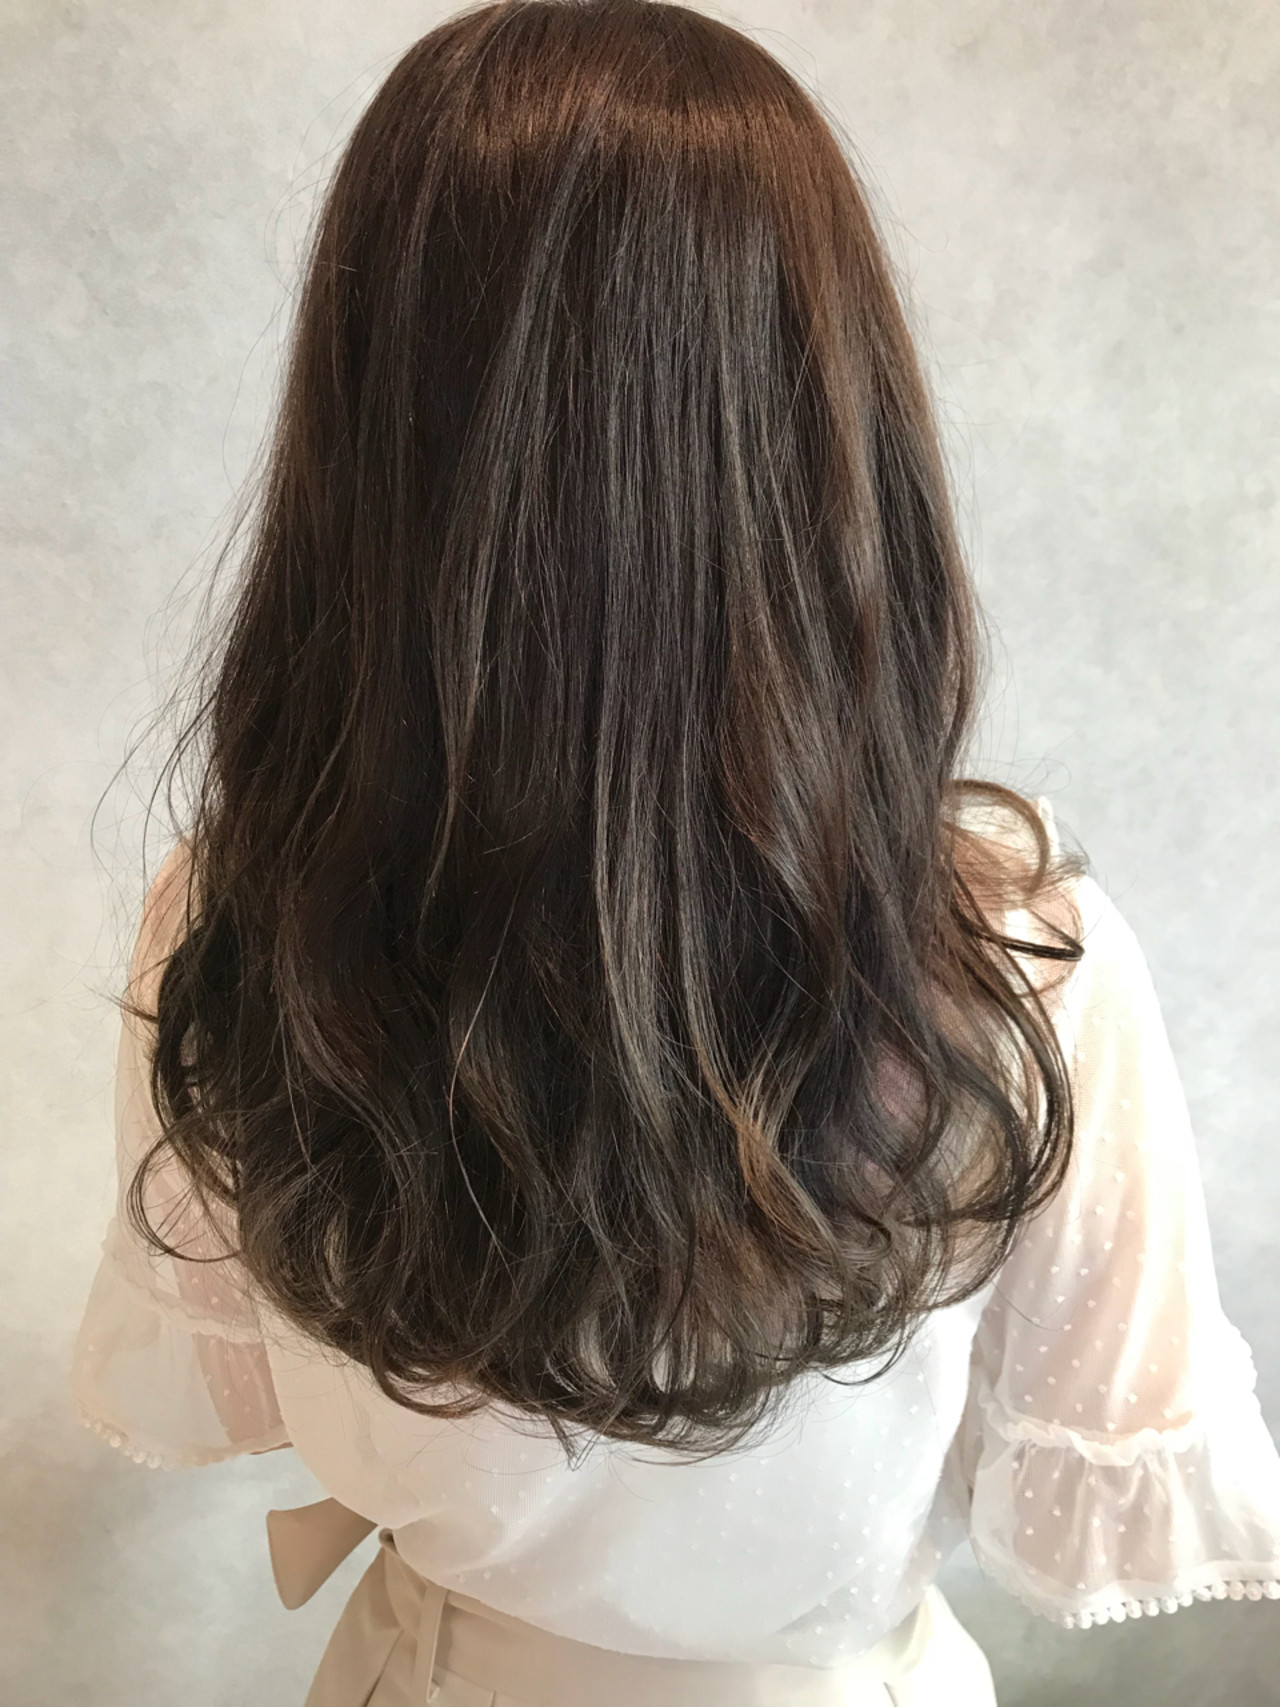 デート ヘアアレンジ 透明感 グレージュ ヘアスタイルや髪型の写真・画像